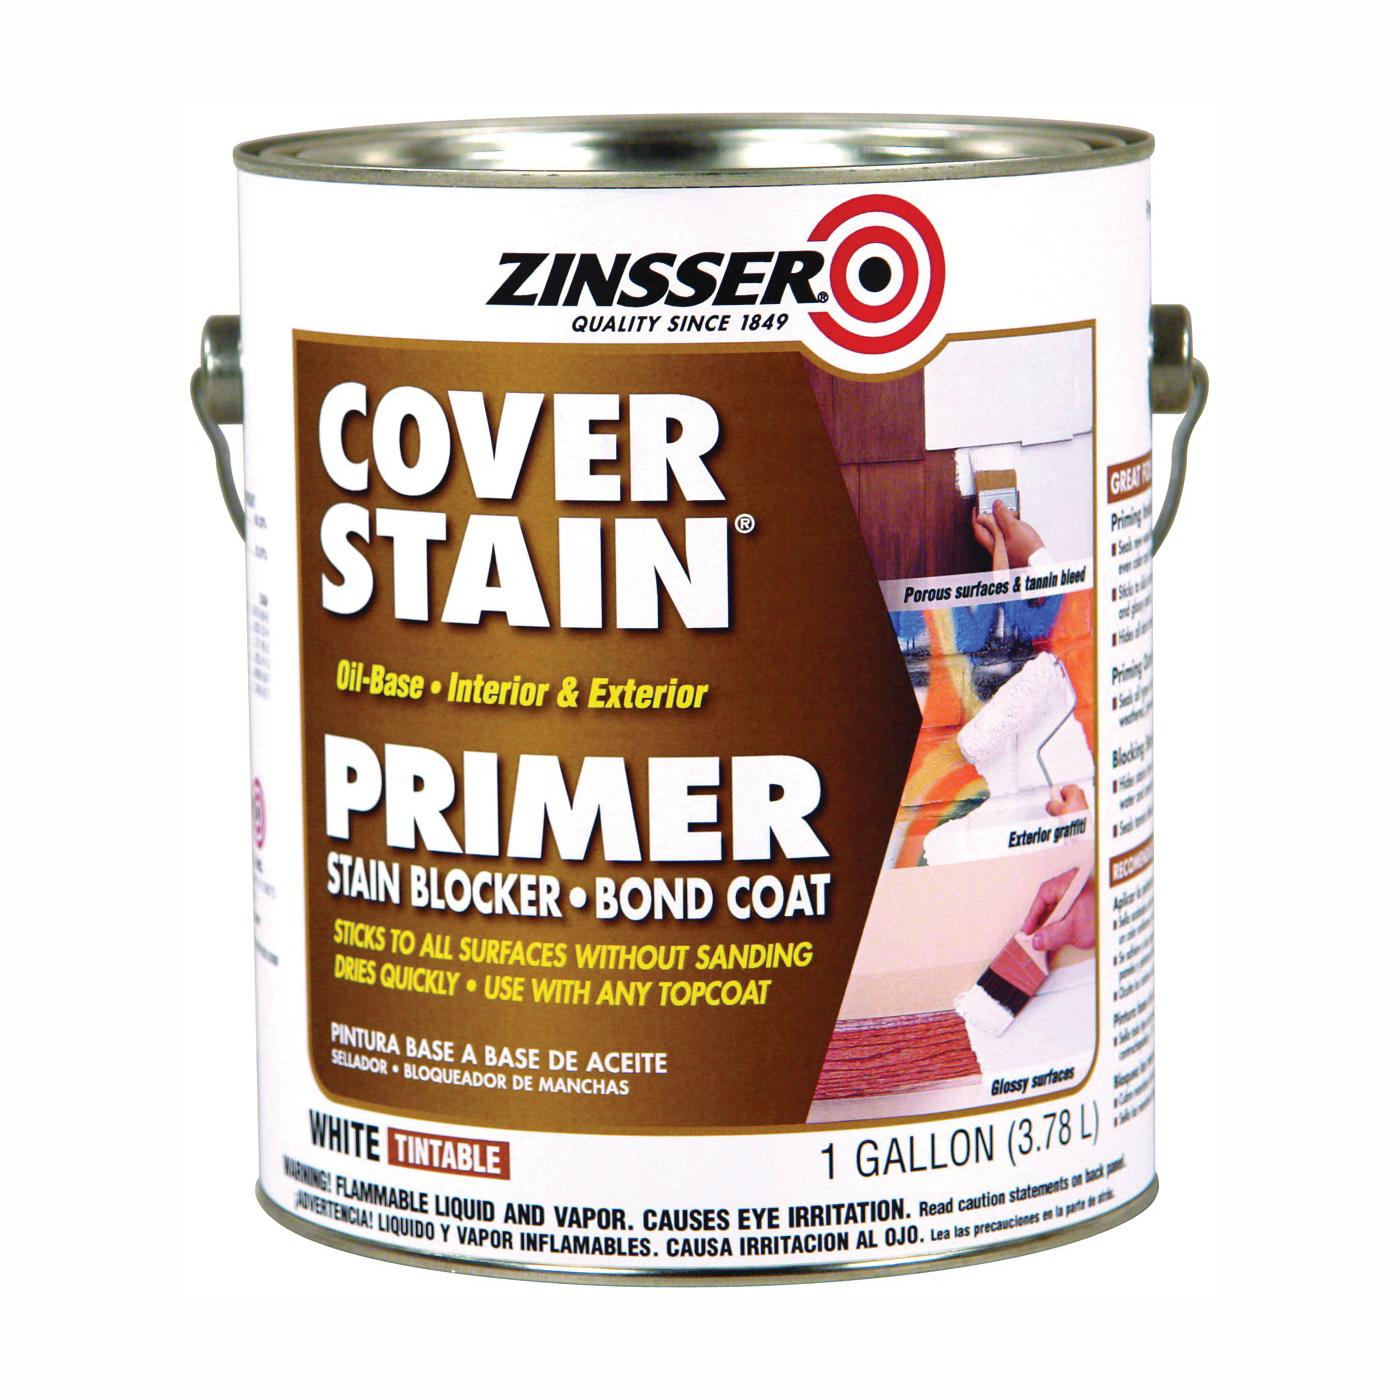 ZINSSER 03501